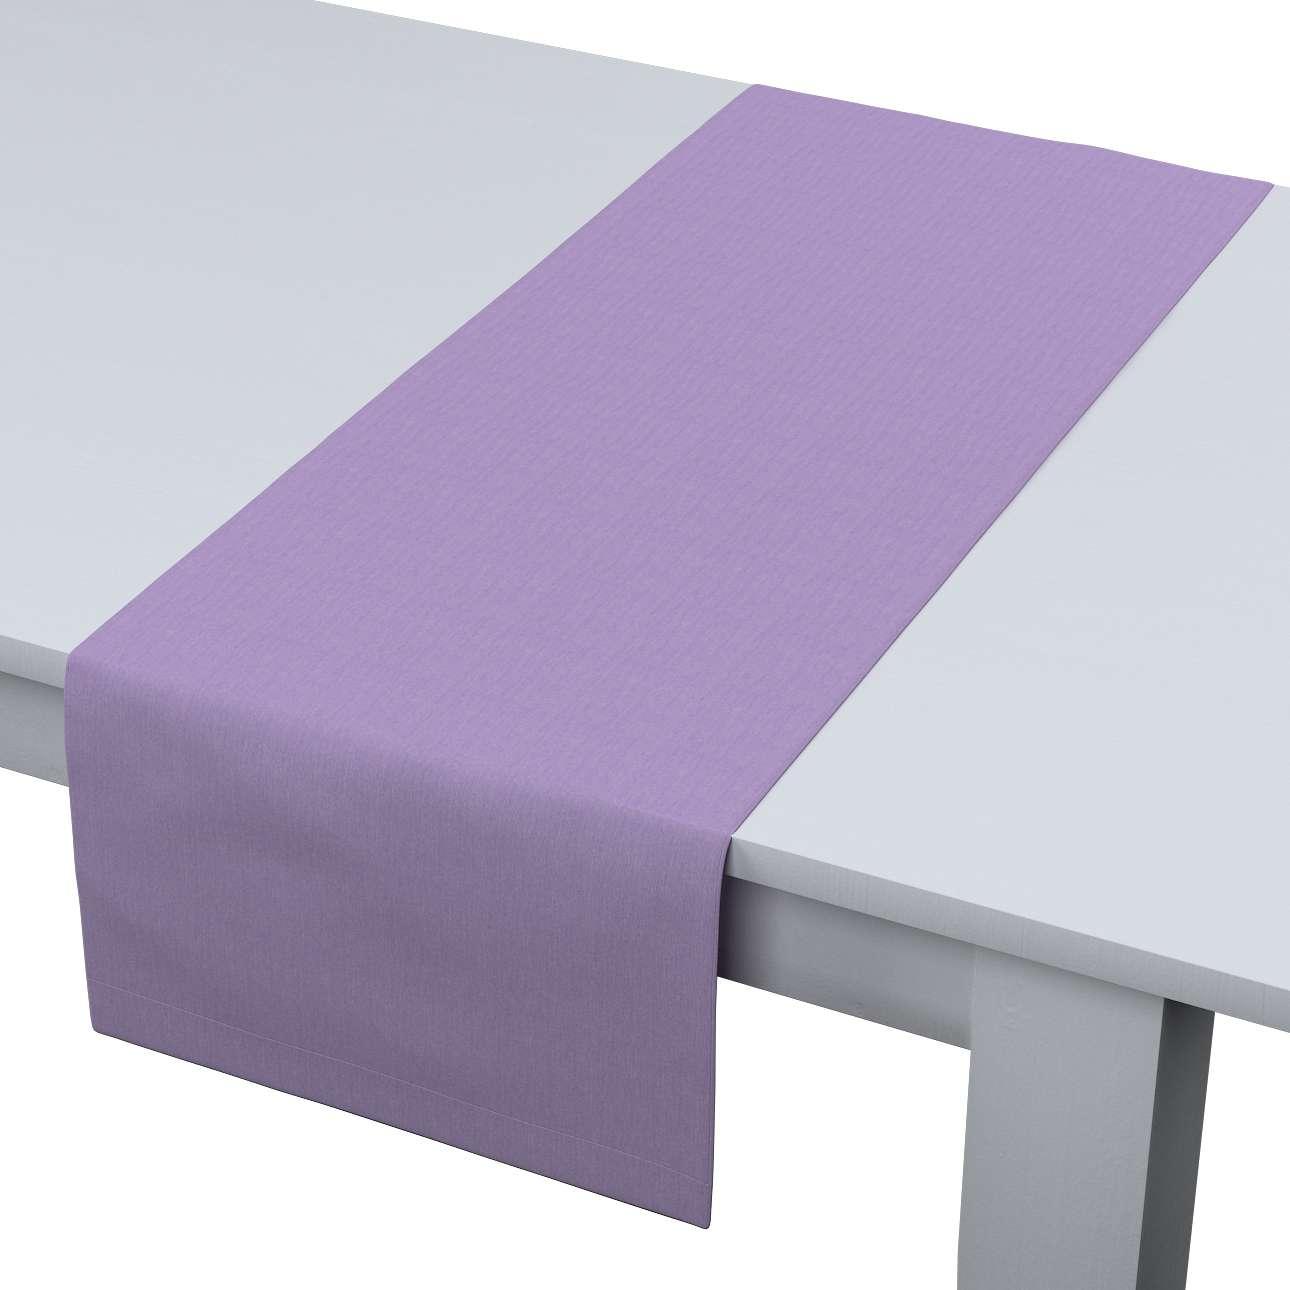 Rechteckiger Tischläufer 40 x 130 cm von der Kollektion Jupiter, Stoff: 127-74